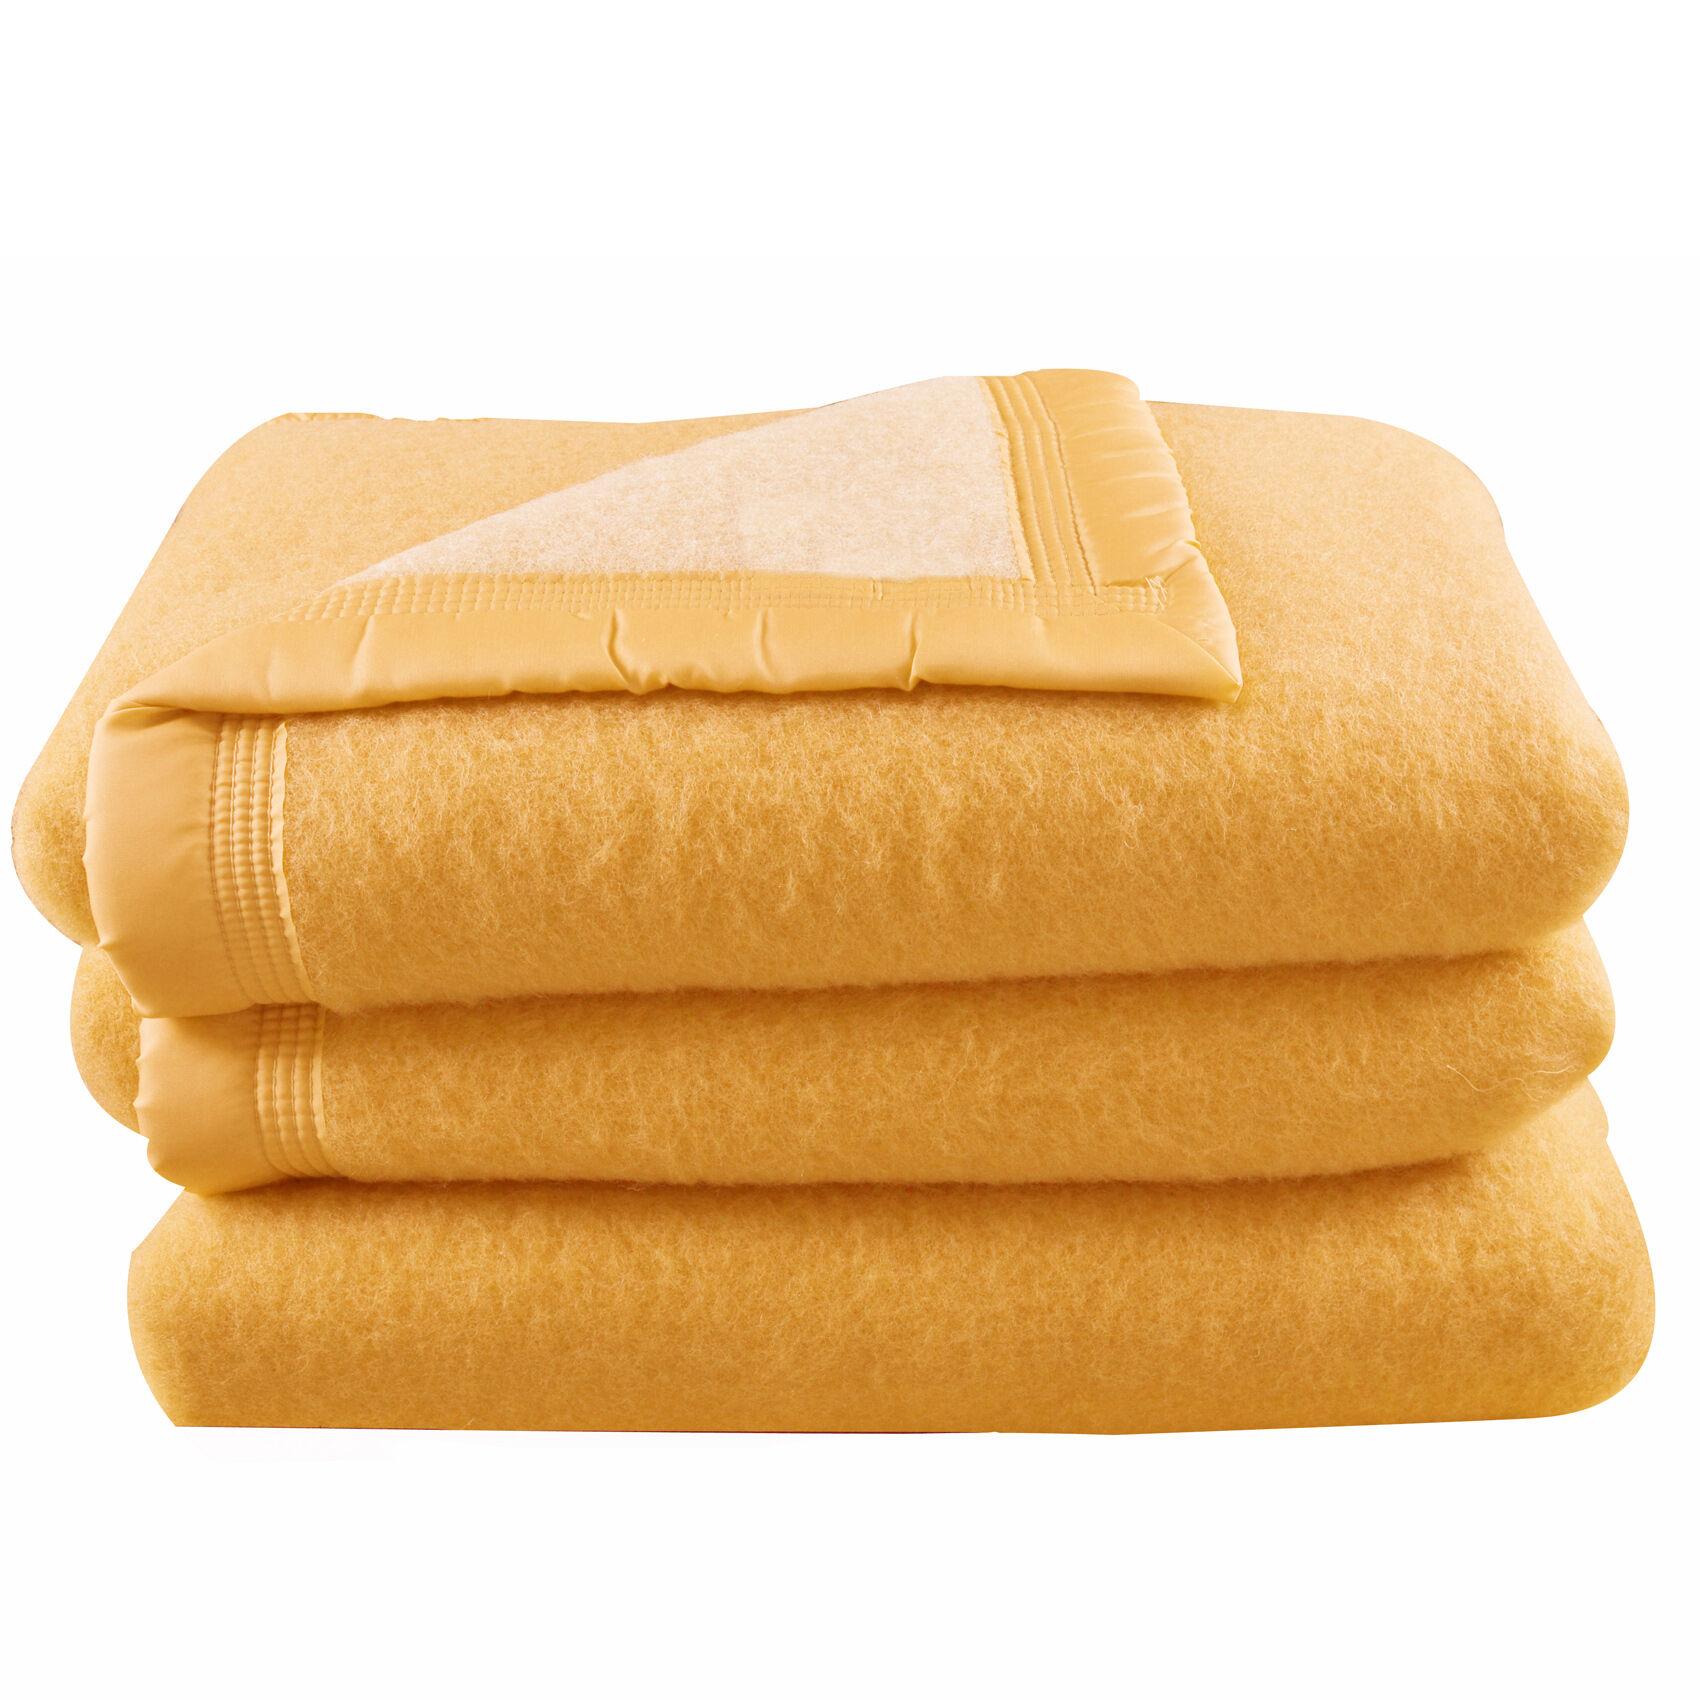 Home Maison Couverture en 100% pure laine vierge laine mais/champagne 240x180